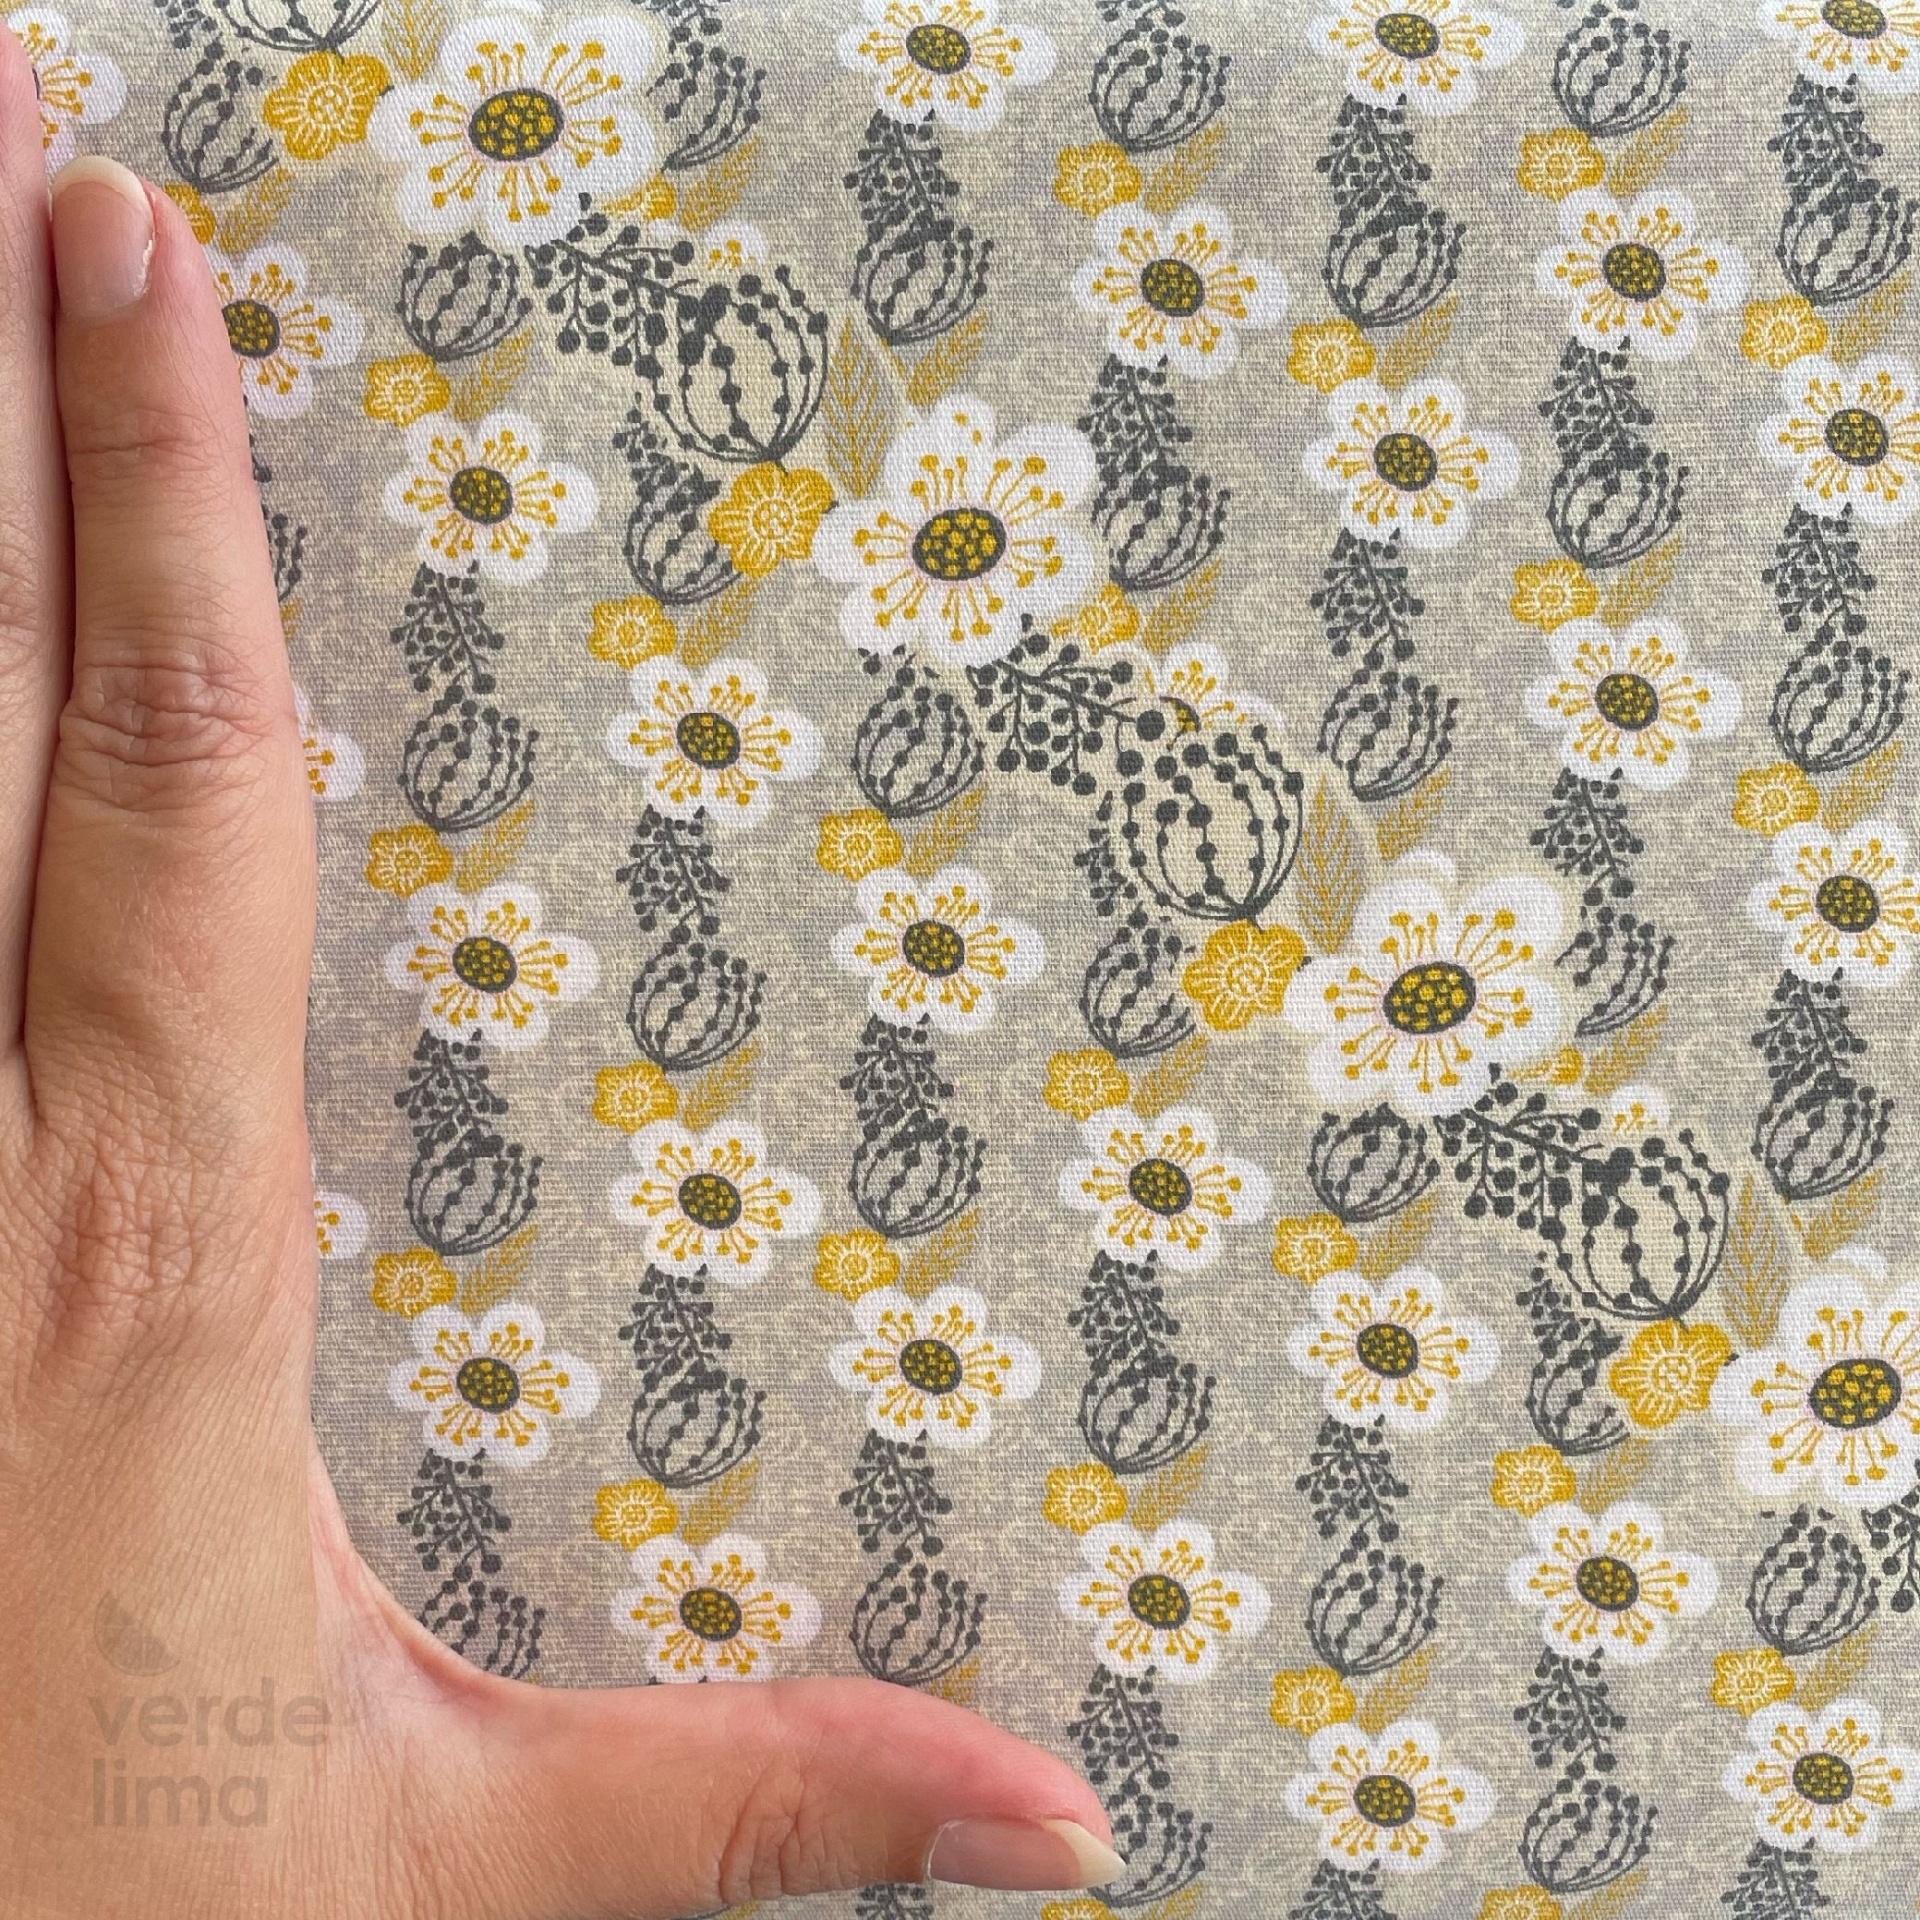 Nova Contemporânea - flores pequenas fundo cinzento